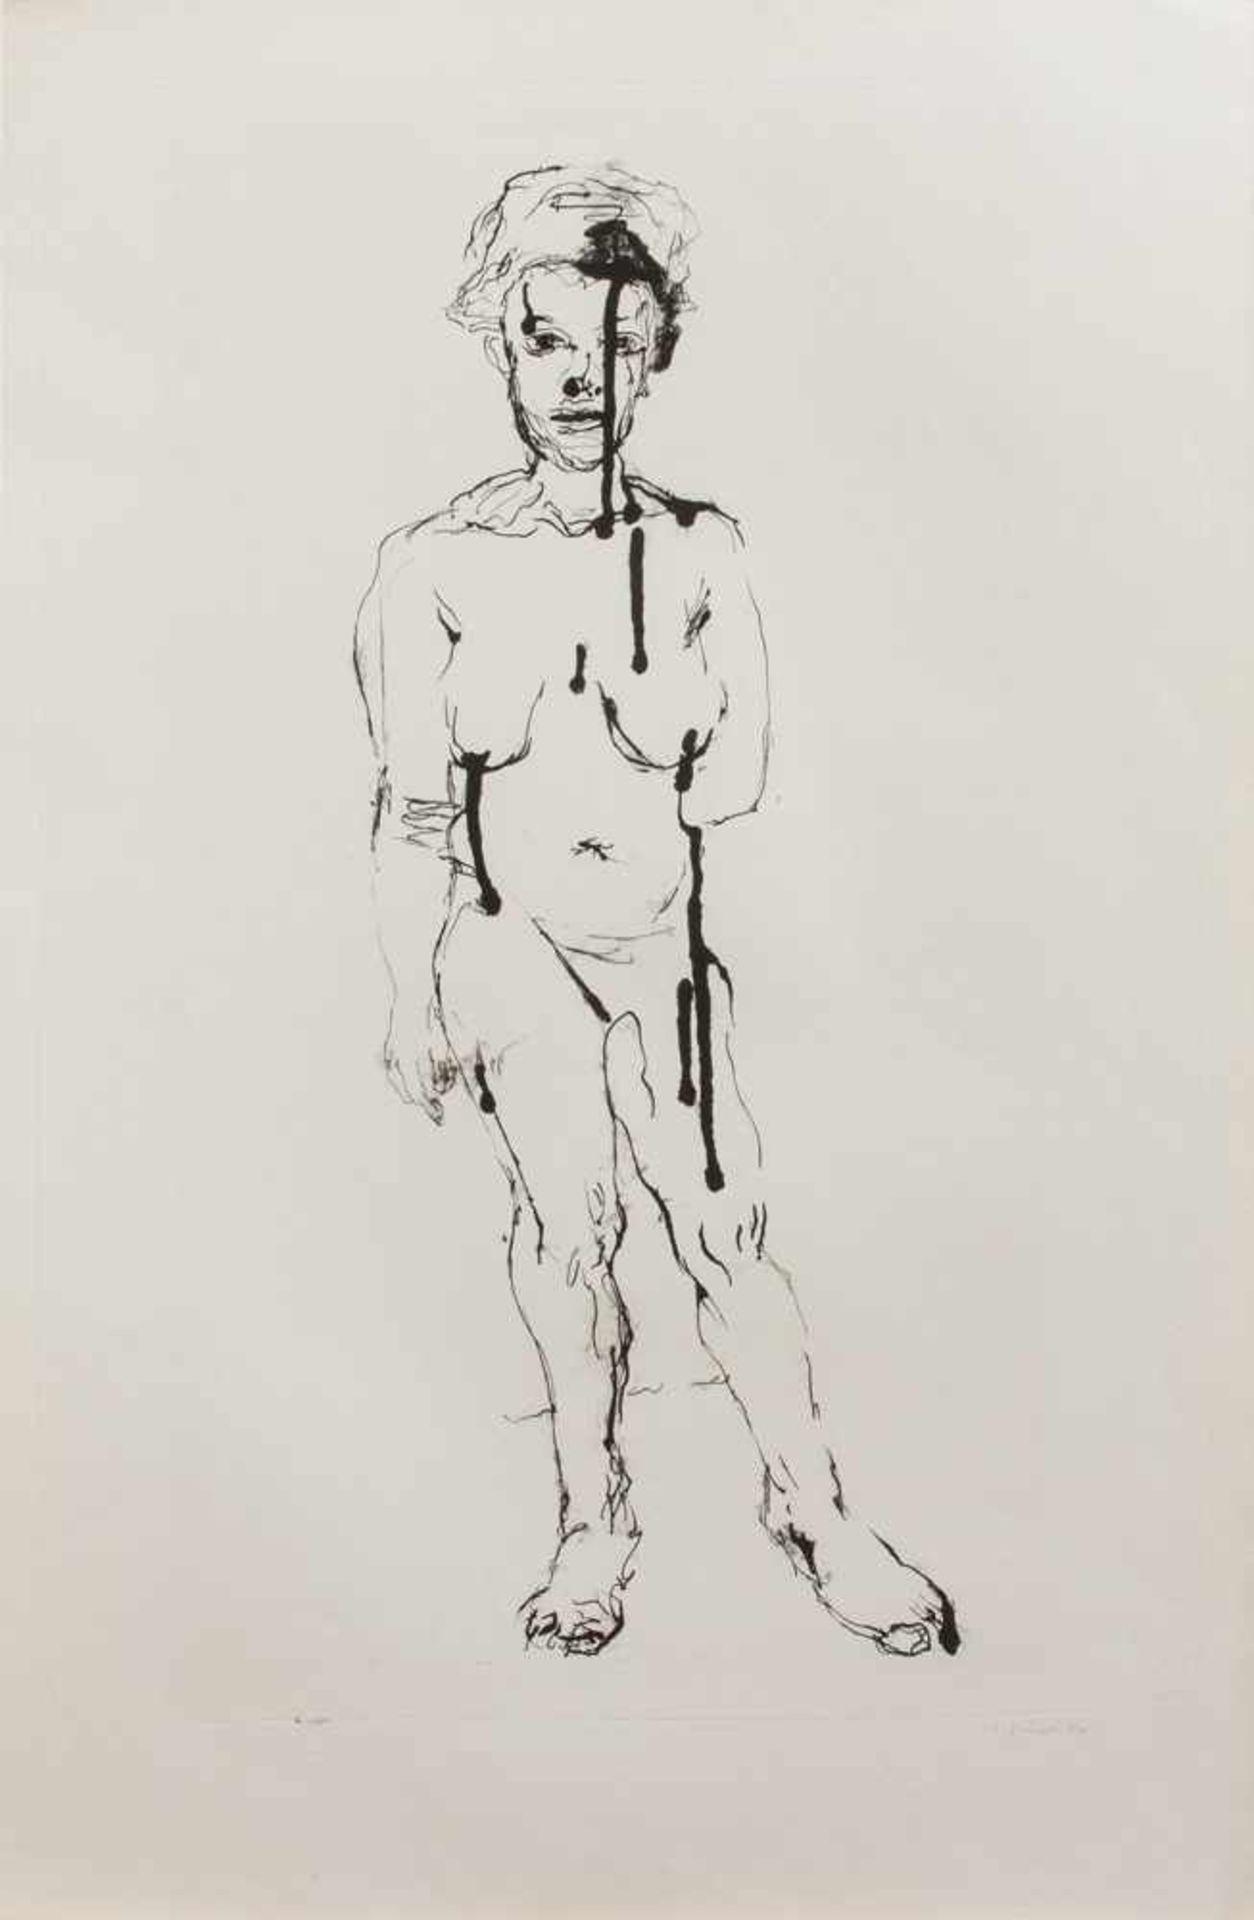 Sabina Grzimek(Rom 1942 -, Malerin u. Grafikerin, Std. a.d. KHS Berlin-Weißensee, freischaffend in